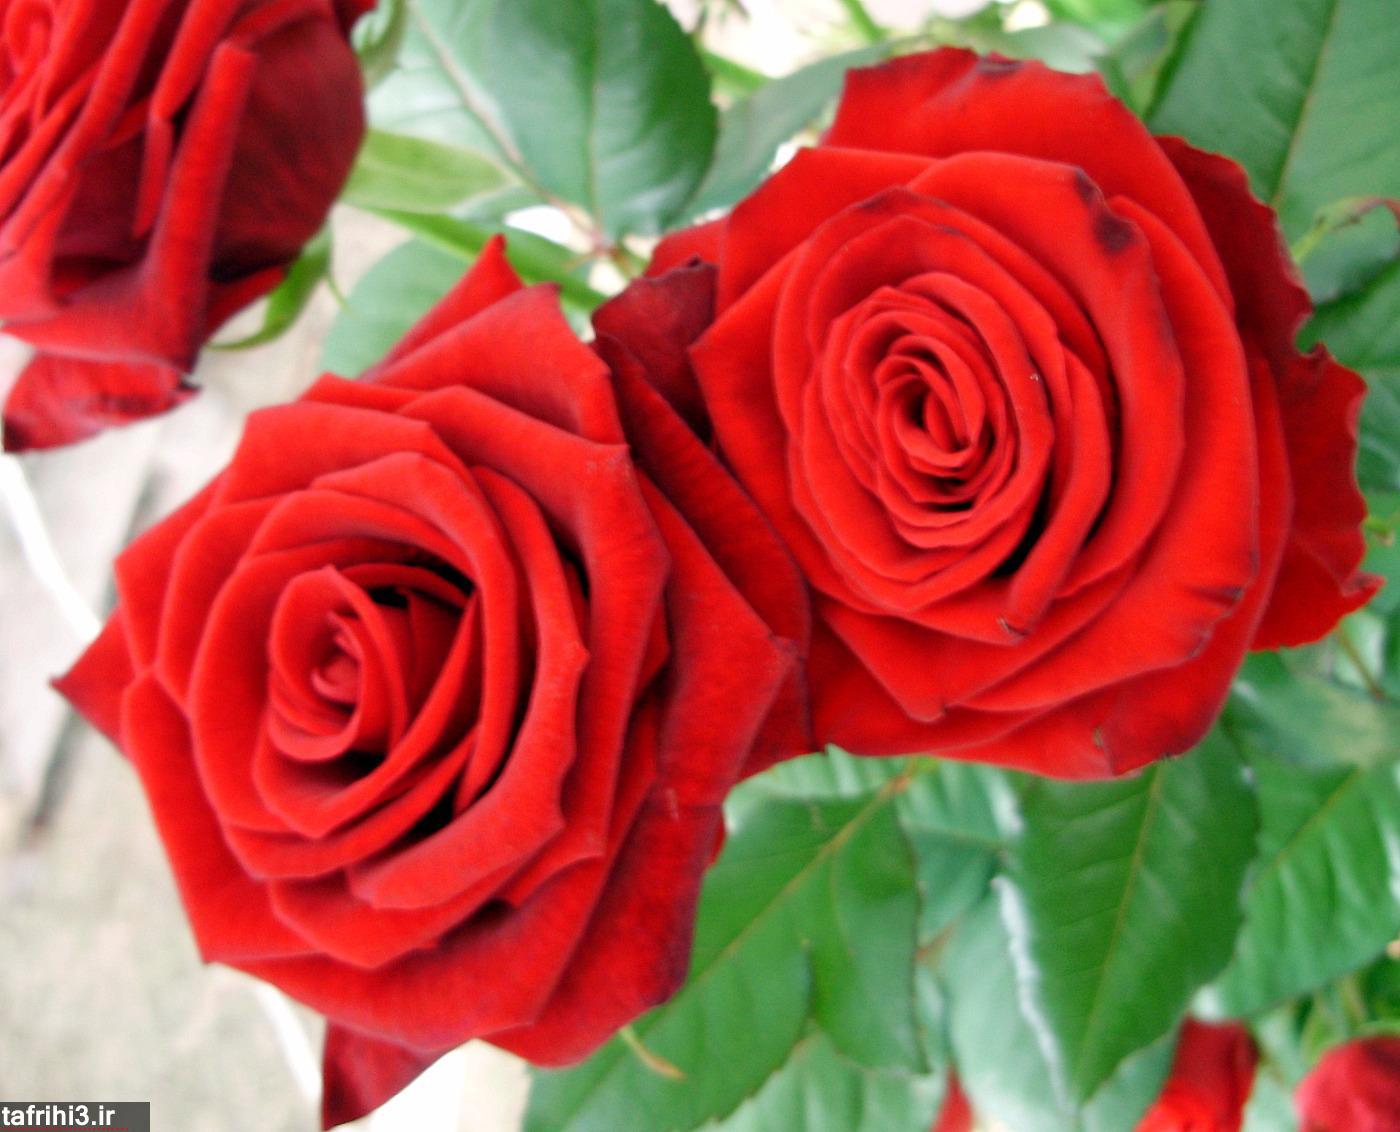 عکس های گل رز قرمز